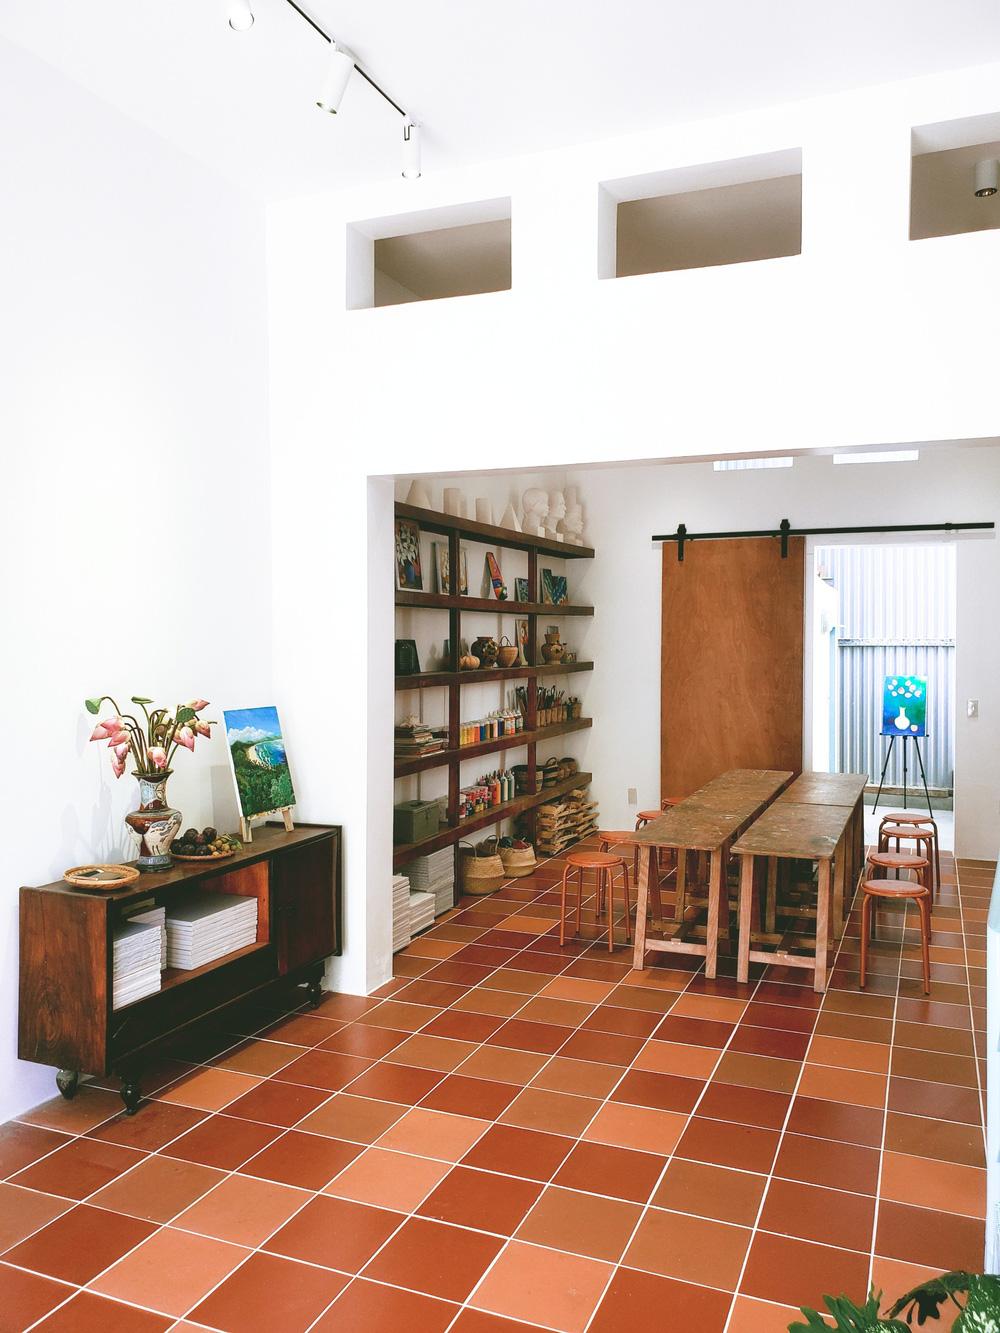 Vợ chồng giáo viên mỹ thuật phù phép nhà cũ 30 năm tuổi thành không gian chuẩn nghệ, ngắm góc nào cũng thấy thích - Ảnh 4.